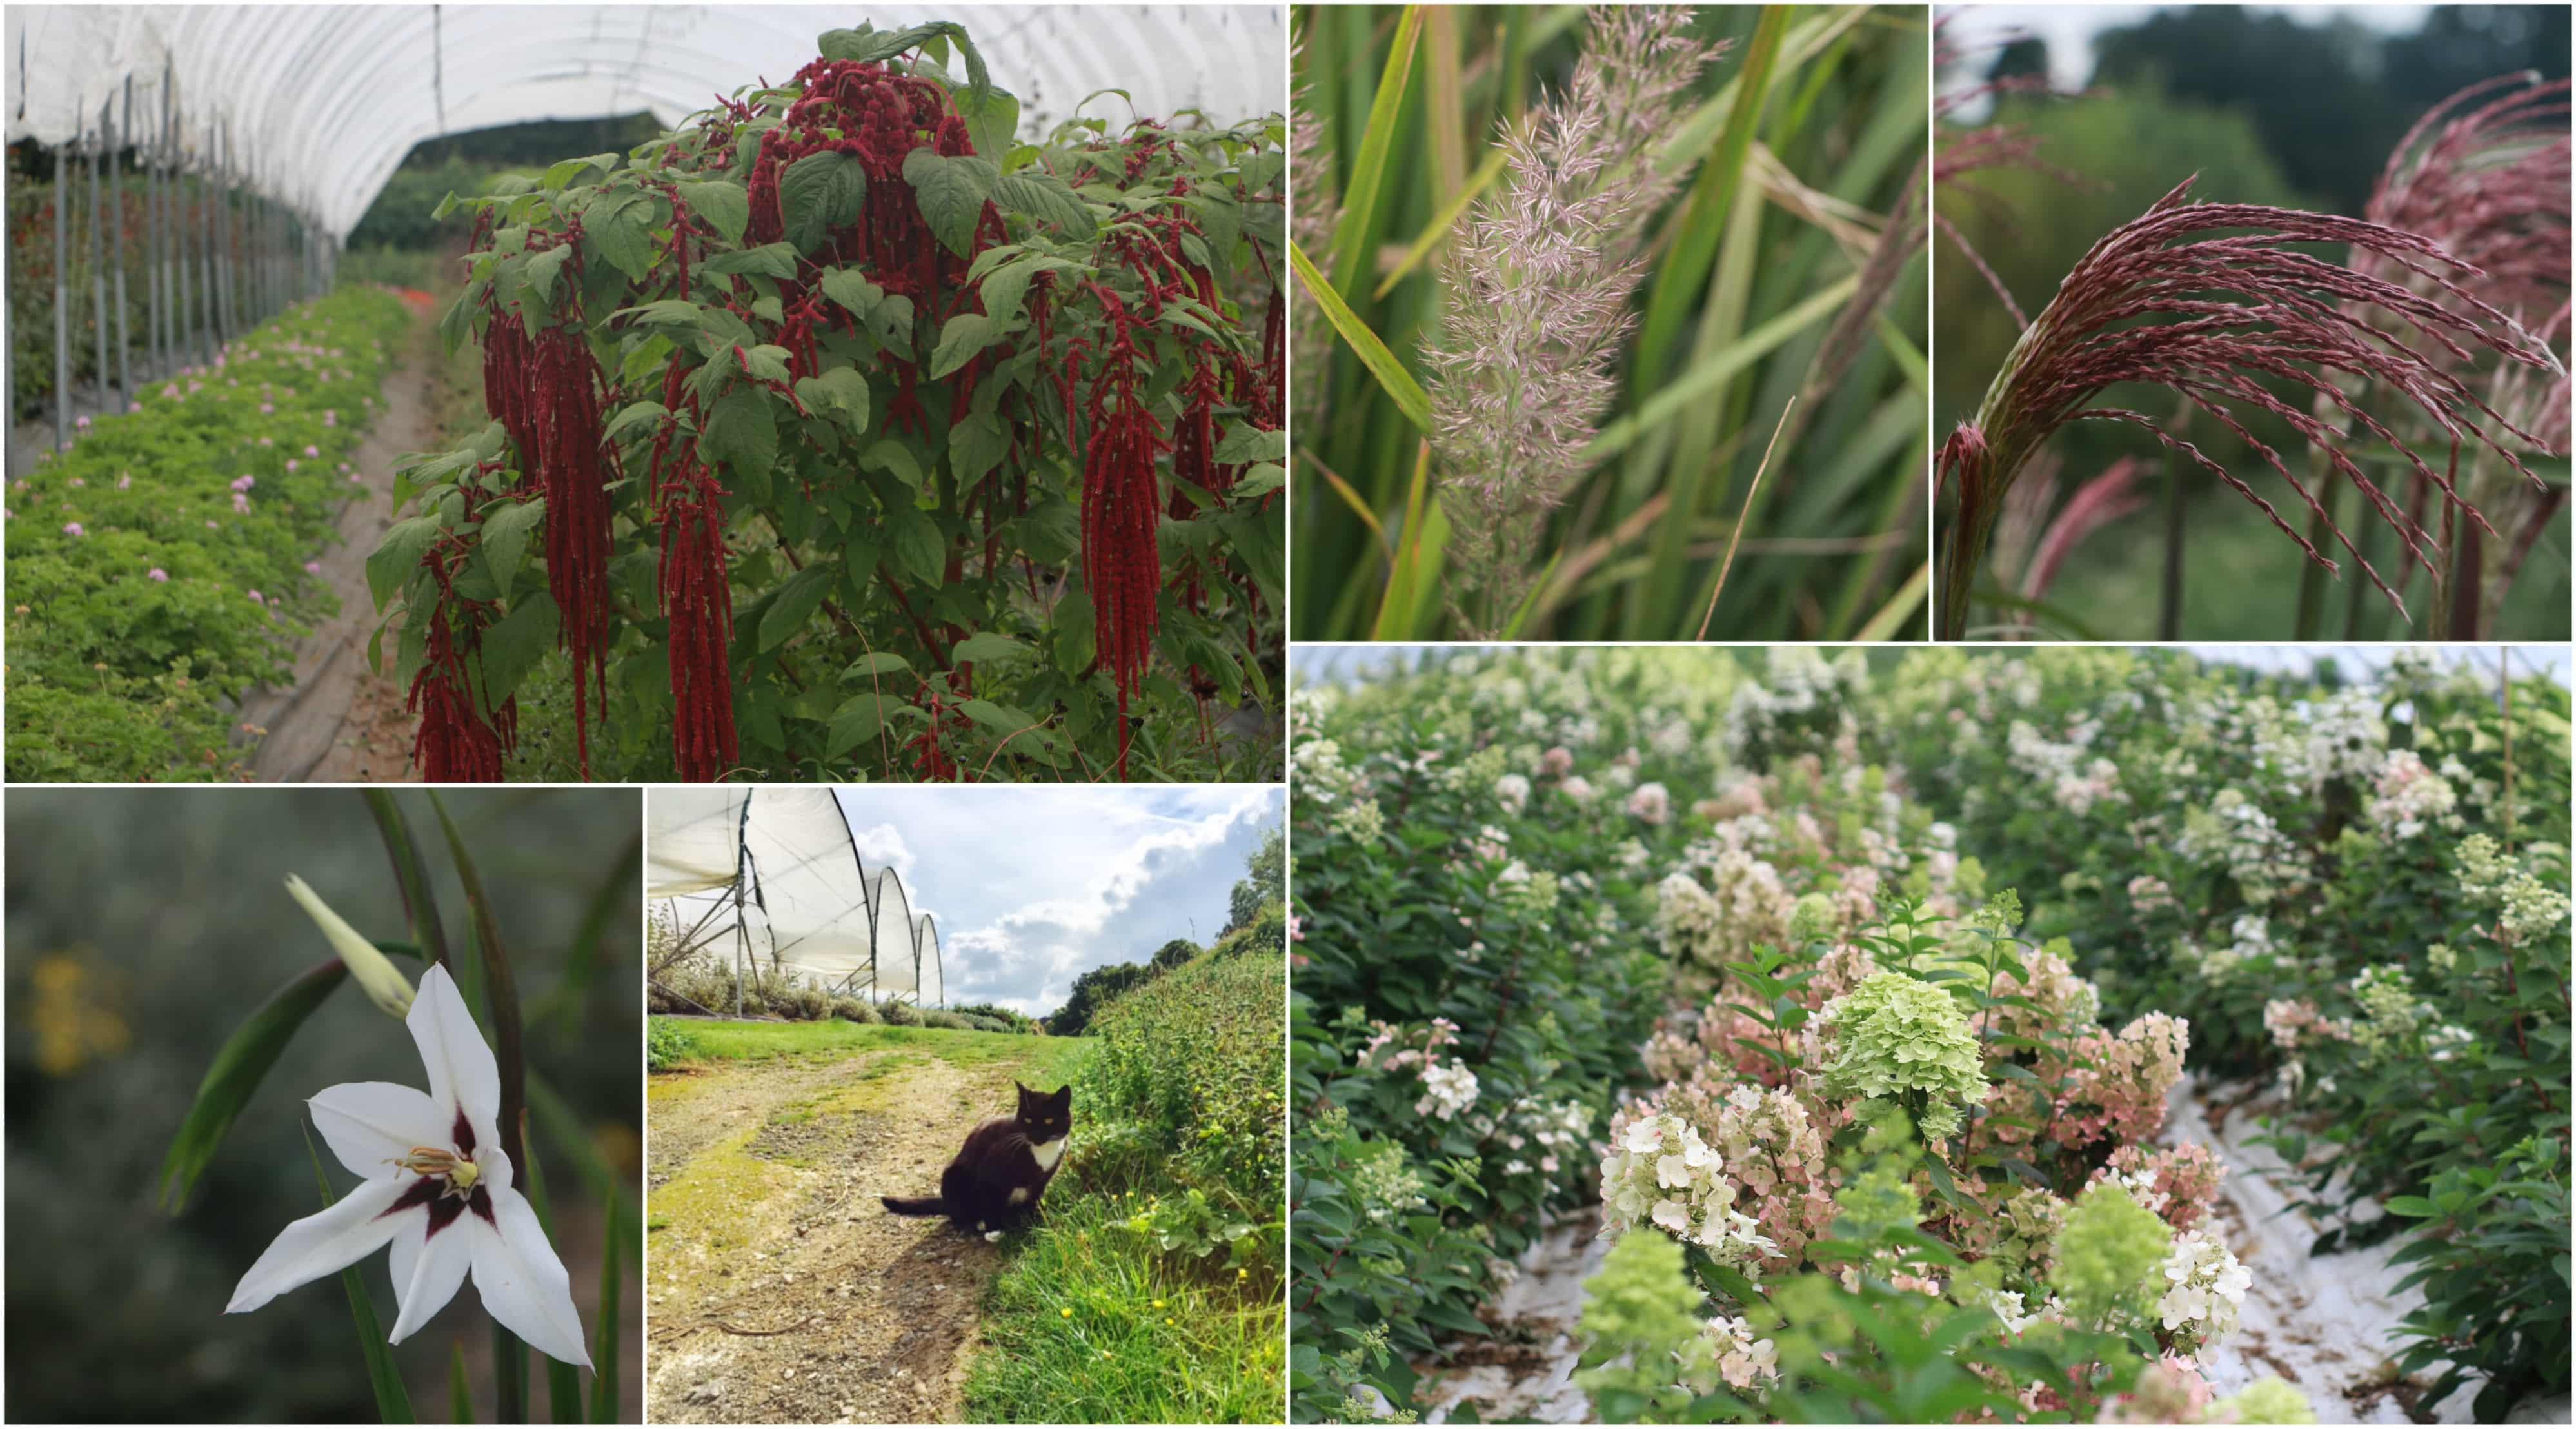 september on the farm